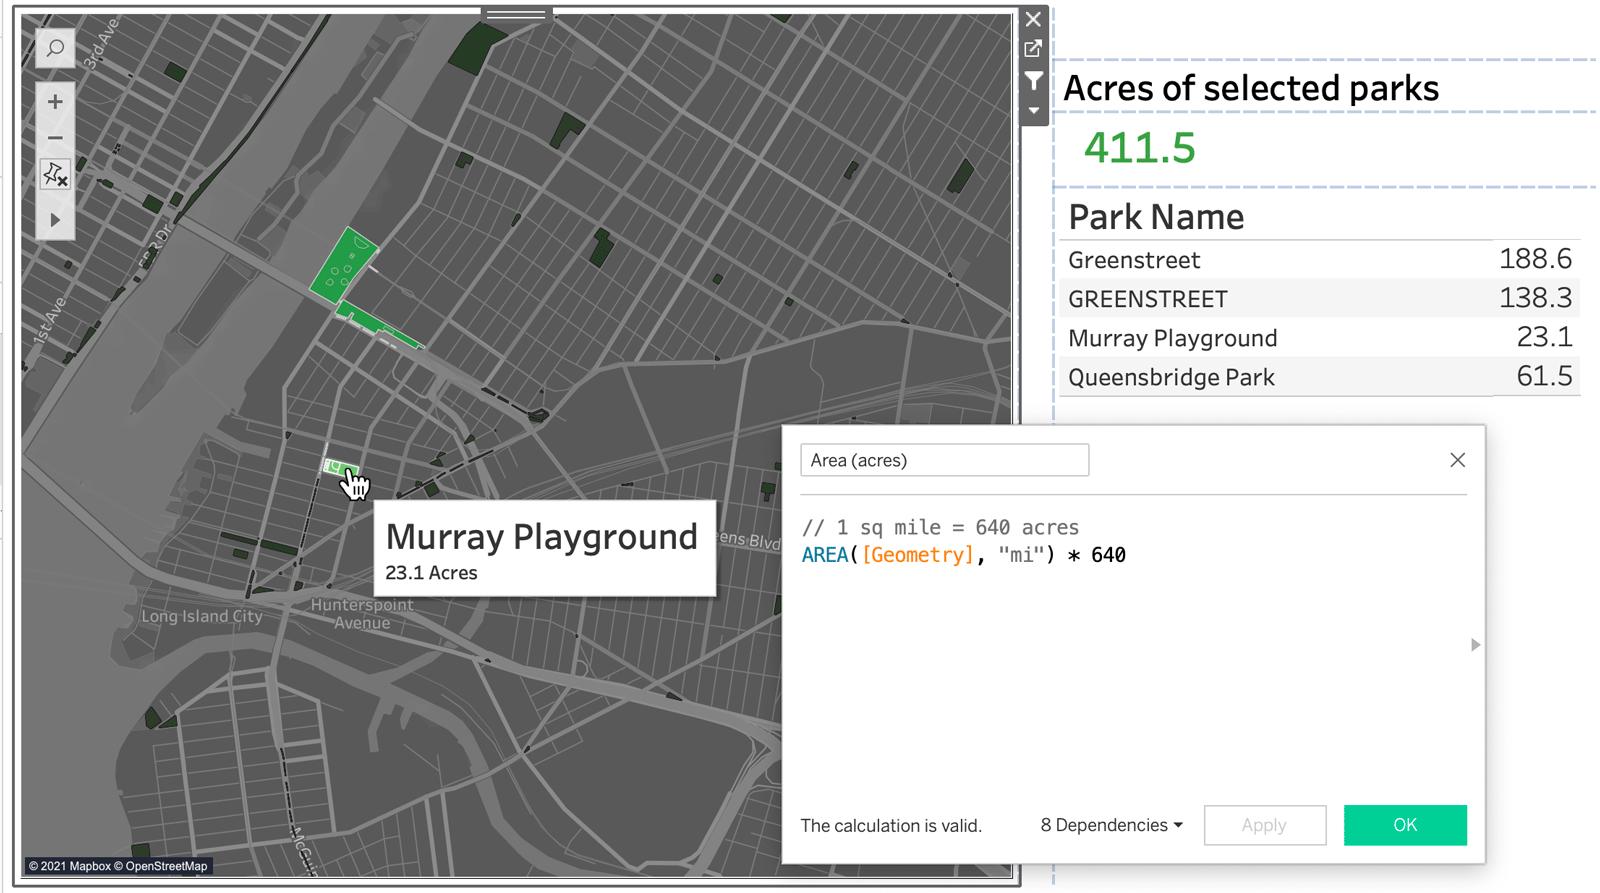 Изображение карты в Табло, использующее пространственный расчет площади для определения общей площади нескольких парков, выбранных на карте.